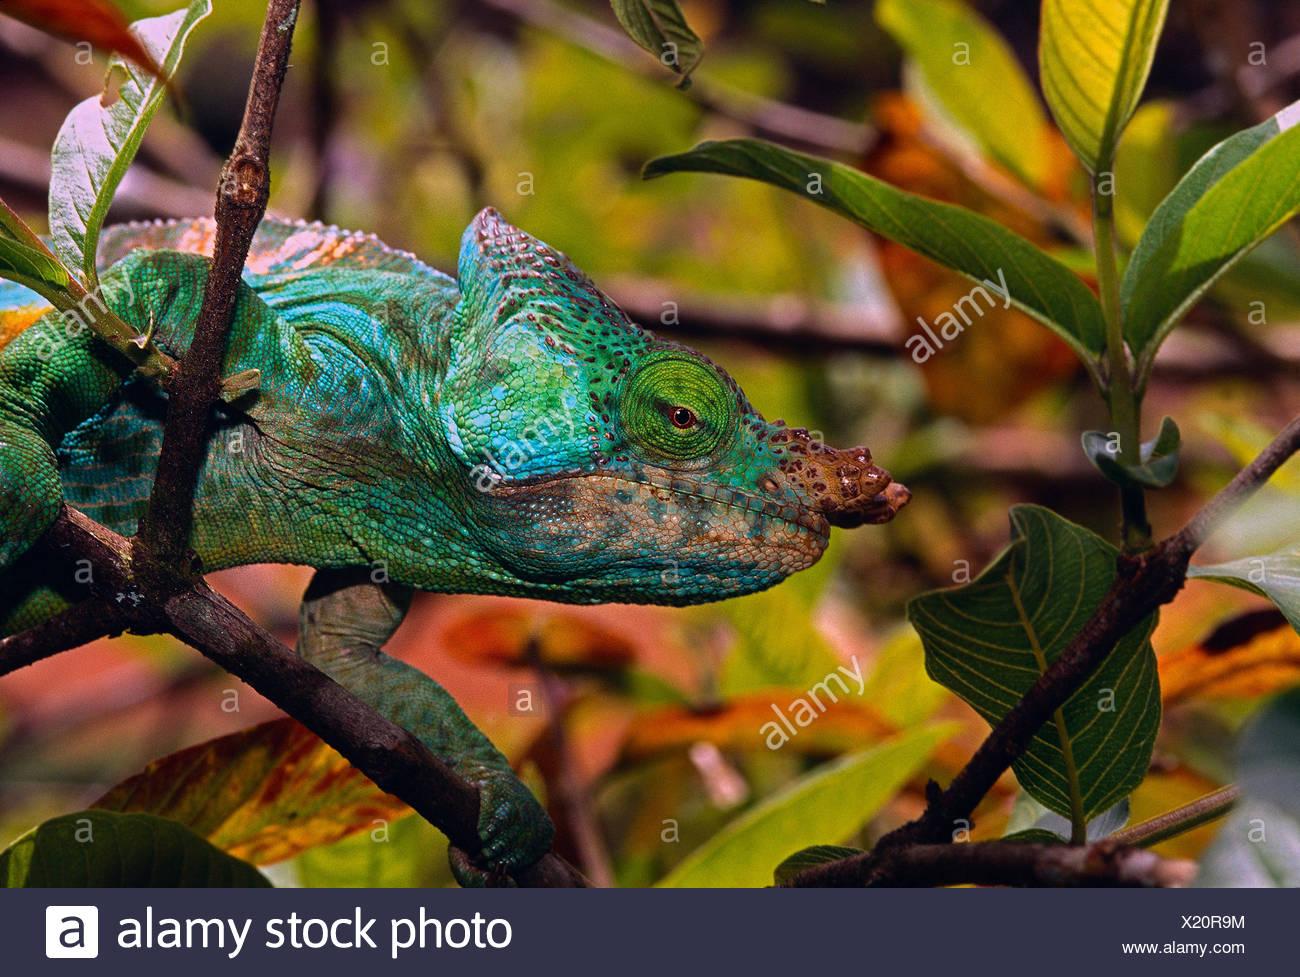 Madagascar. Wildlife. Chameleon. - Stock Image